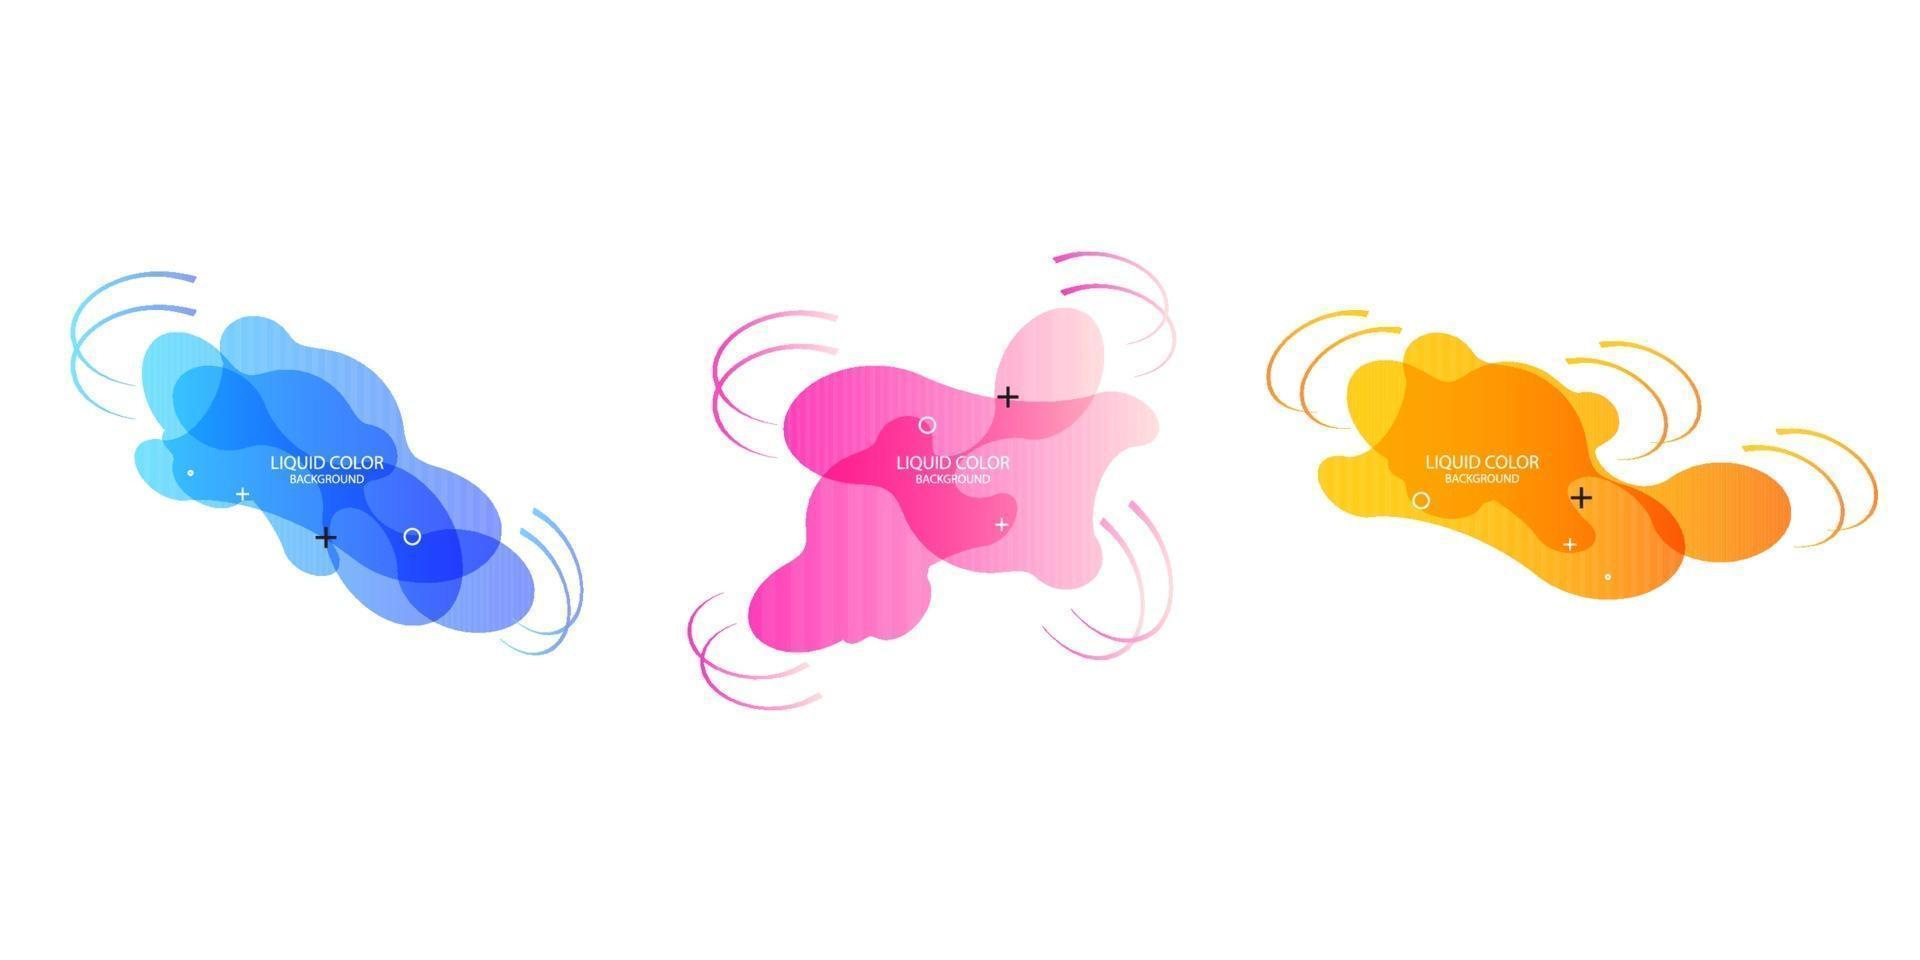 Geometrische Banner mit Farbverlauf und fließenden Flüssigkeitsformen. dynamisches flüssiges Design für Logo, Flyer oder Präsentationen. abstrakter Vektorhintergrund vektor